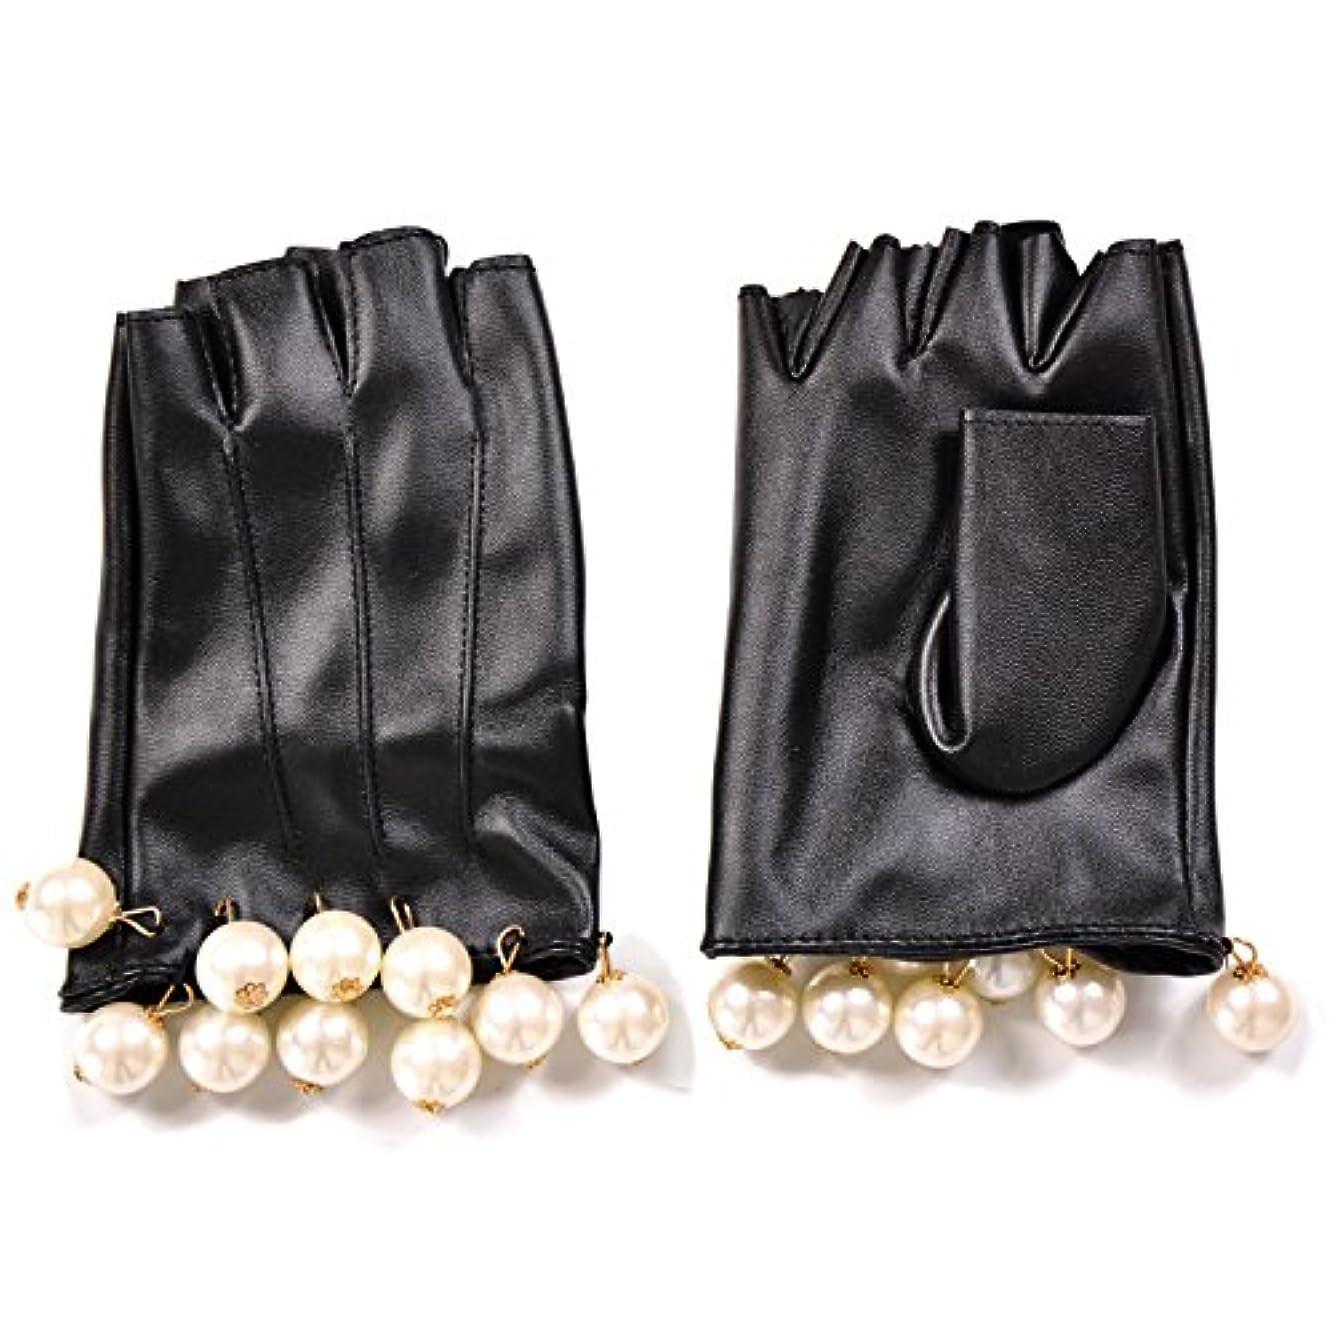 スカルク織機出しますエレガント フェイクレザー ショートグローブ グローブ 手袋 パール フリル